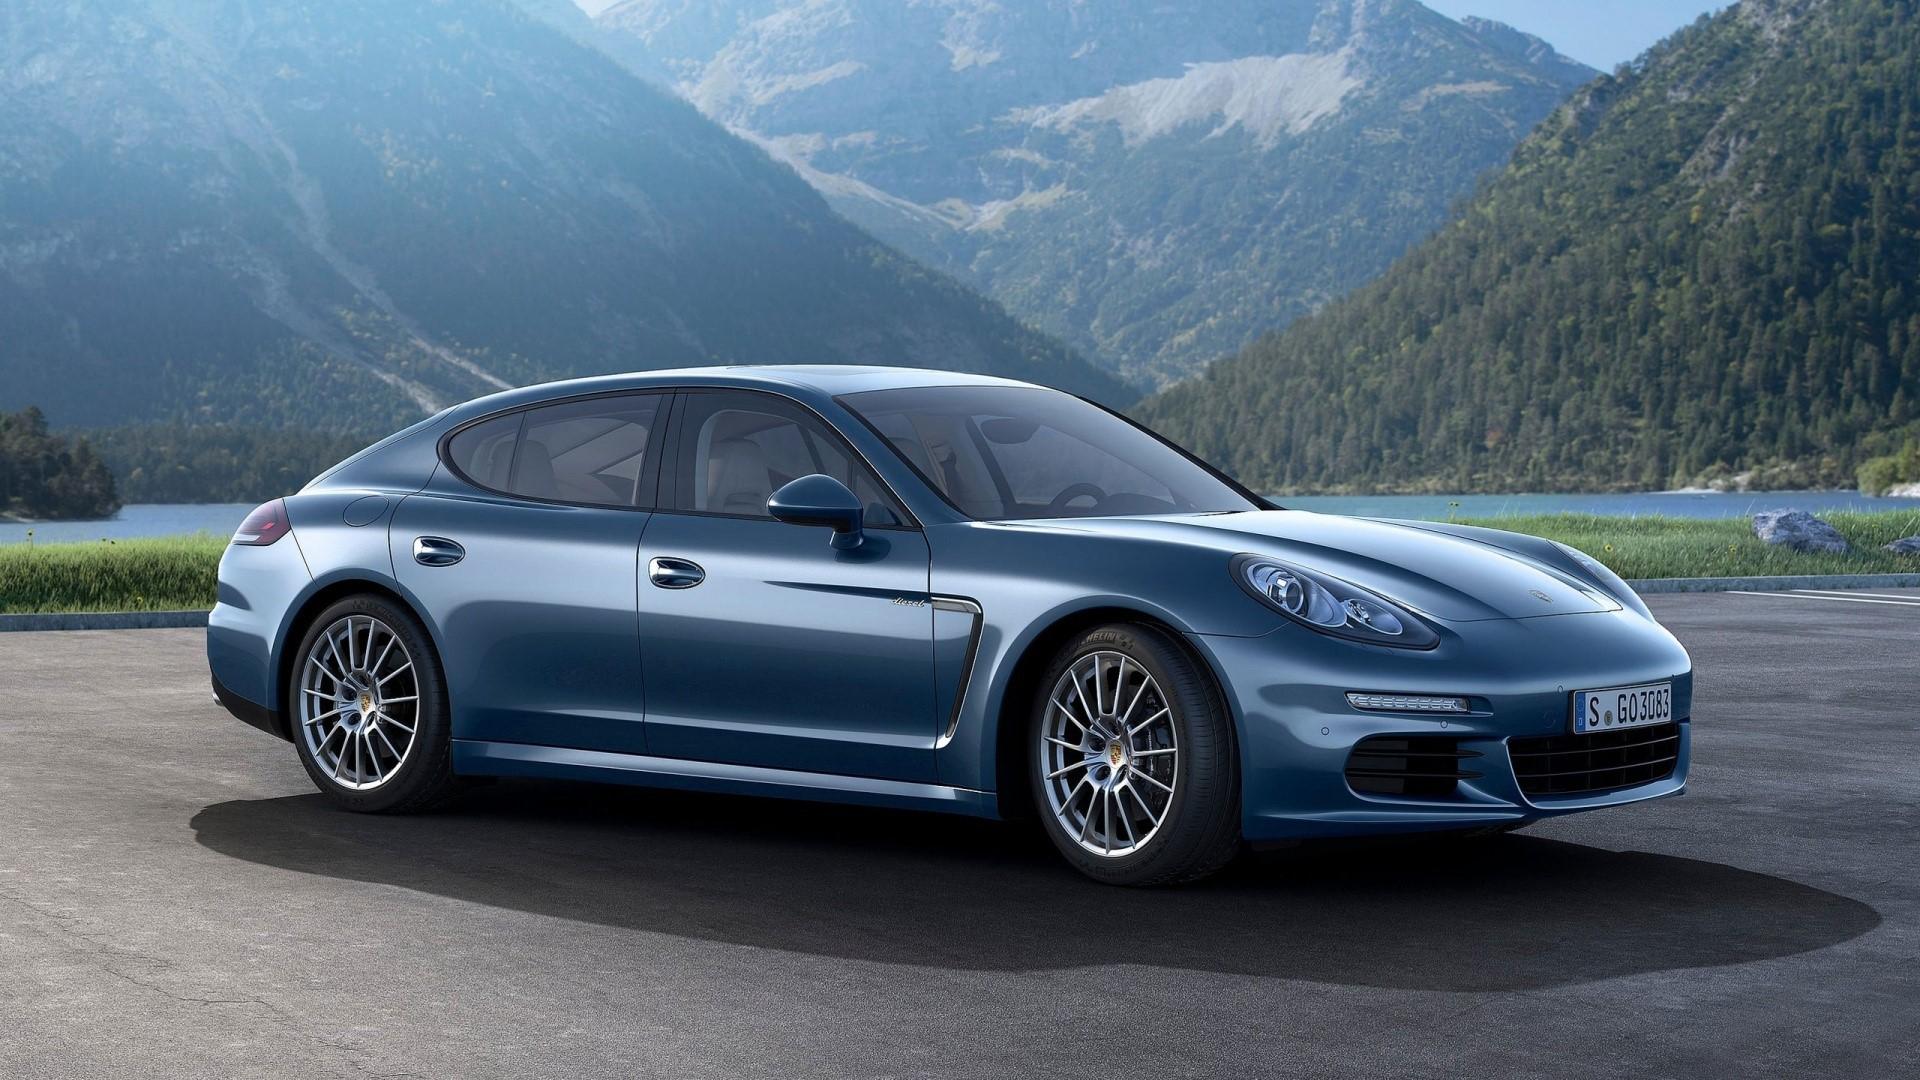 Porsche Panamera images